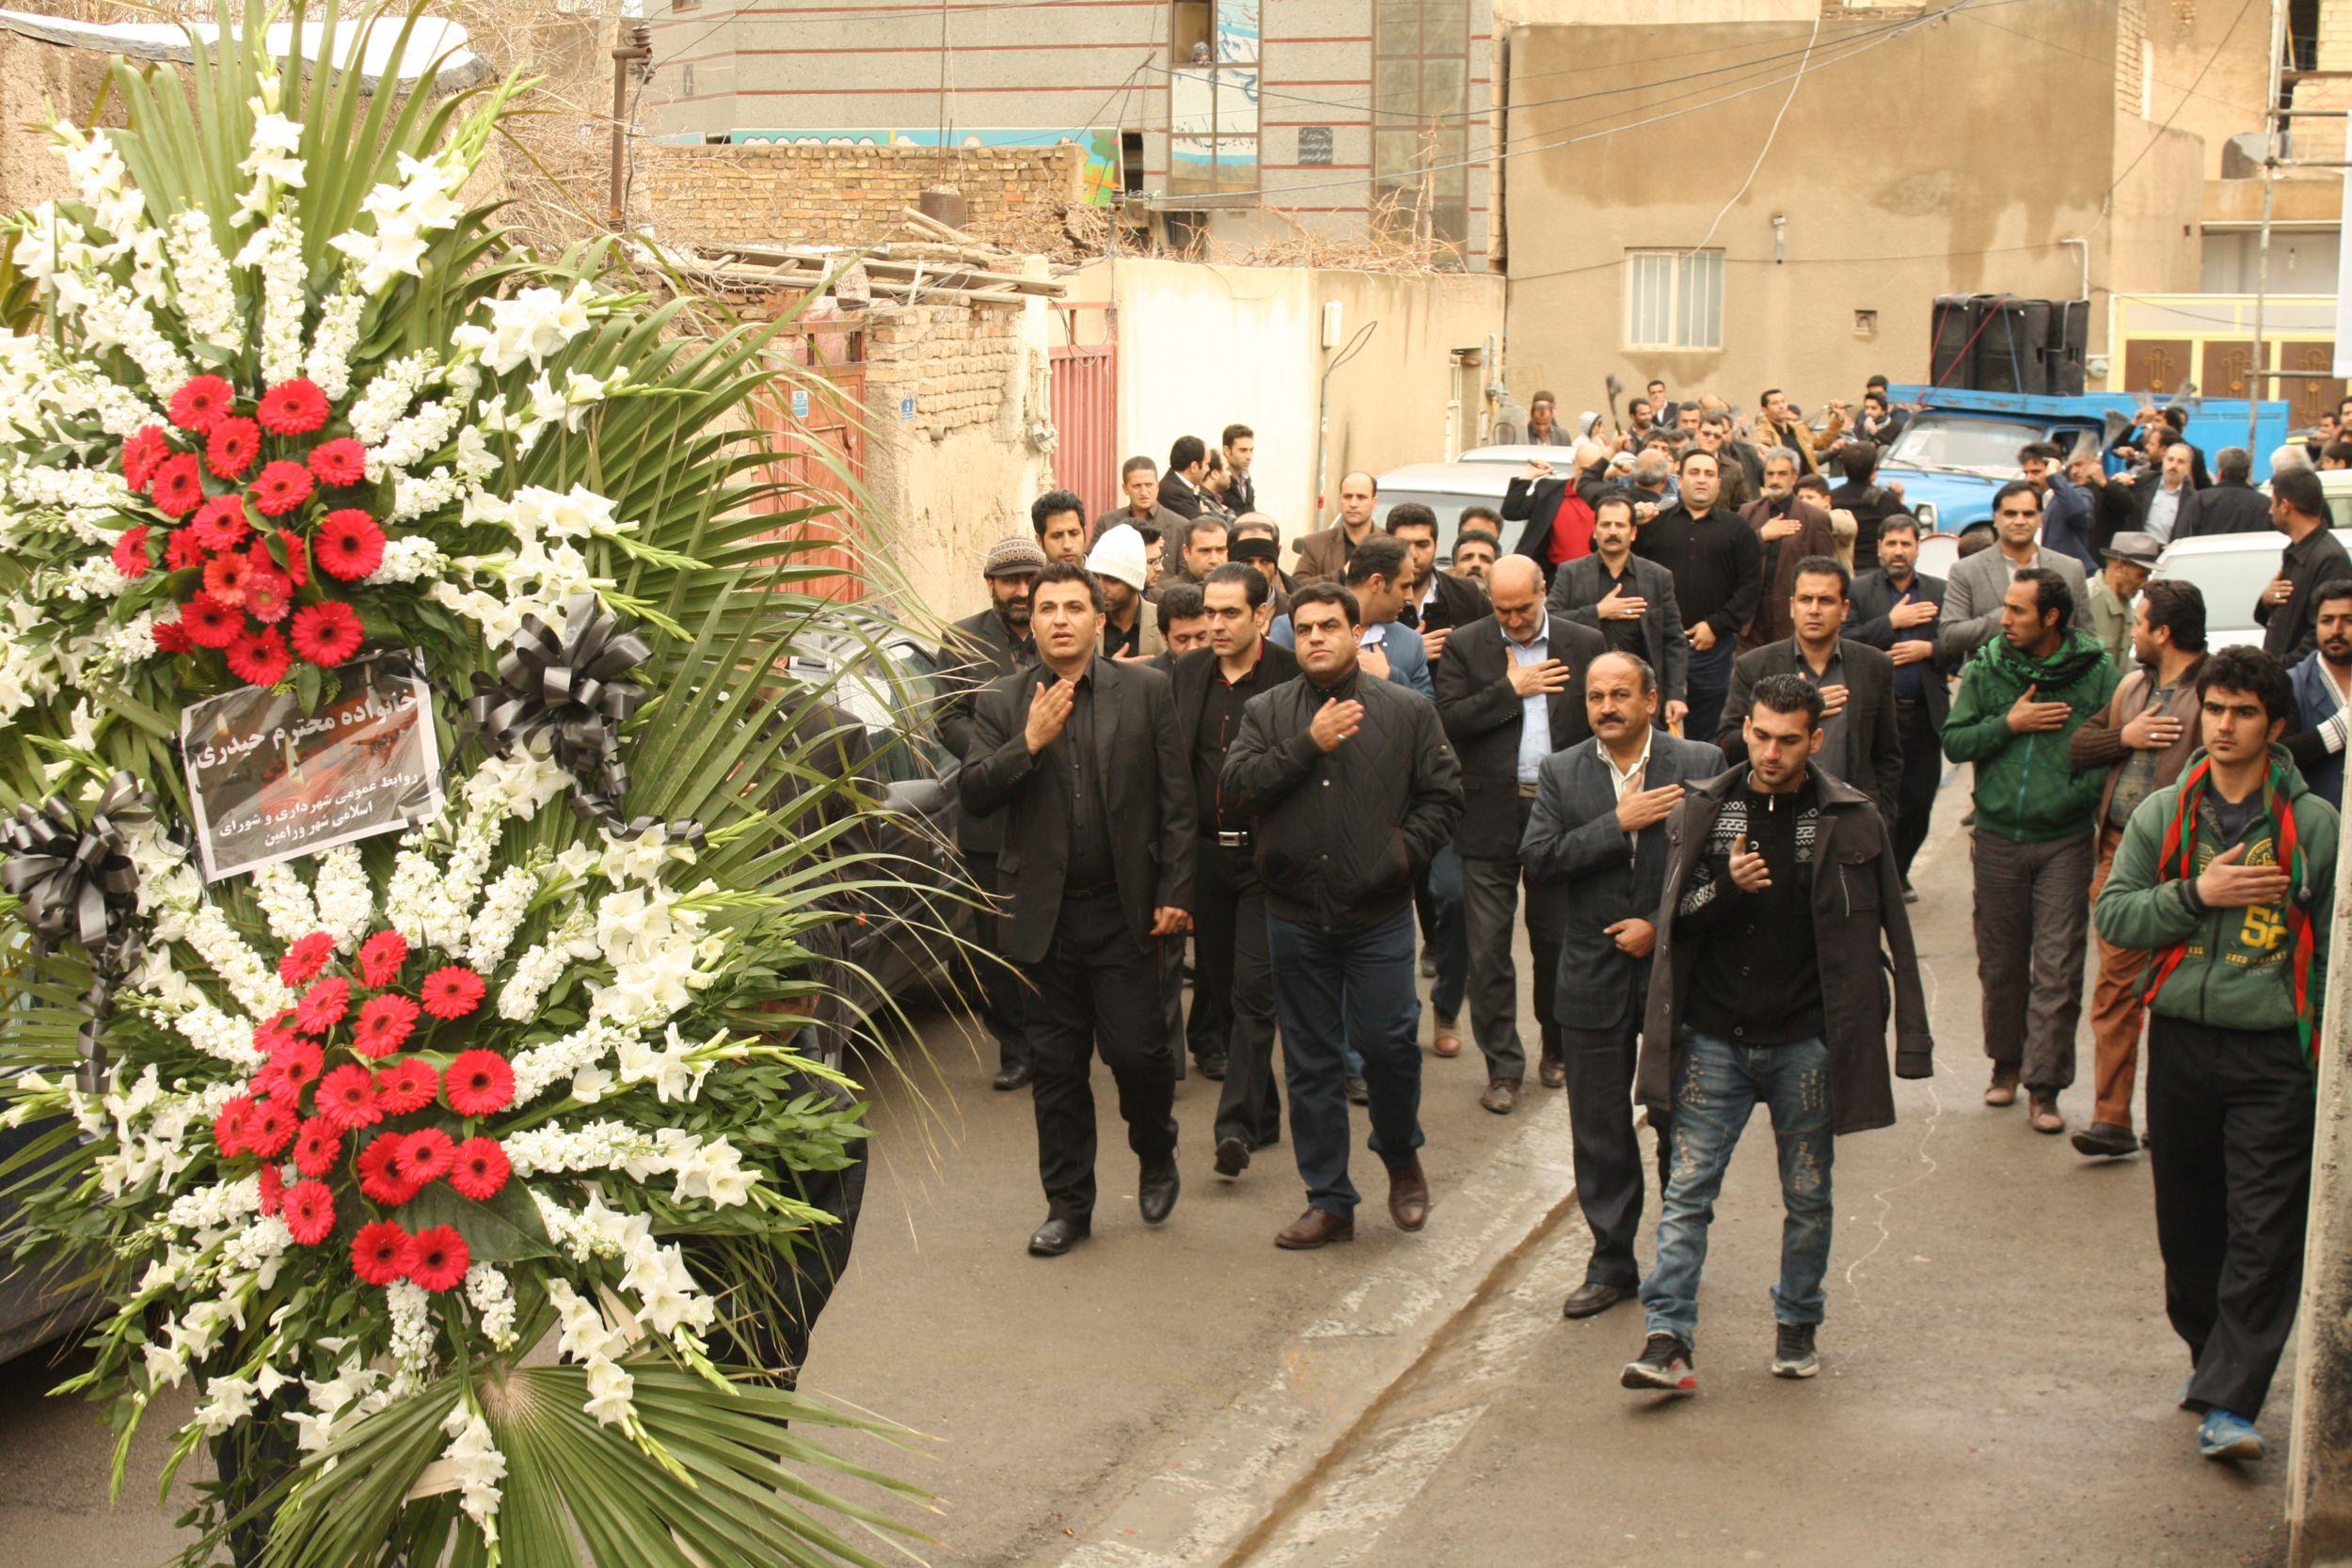 عزا داری و سینه زنی کارکنان شهرداری ورامین در ماتم همکار از دست رفتهمرحوم صمد حیدری